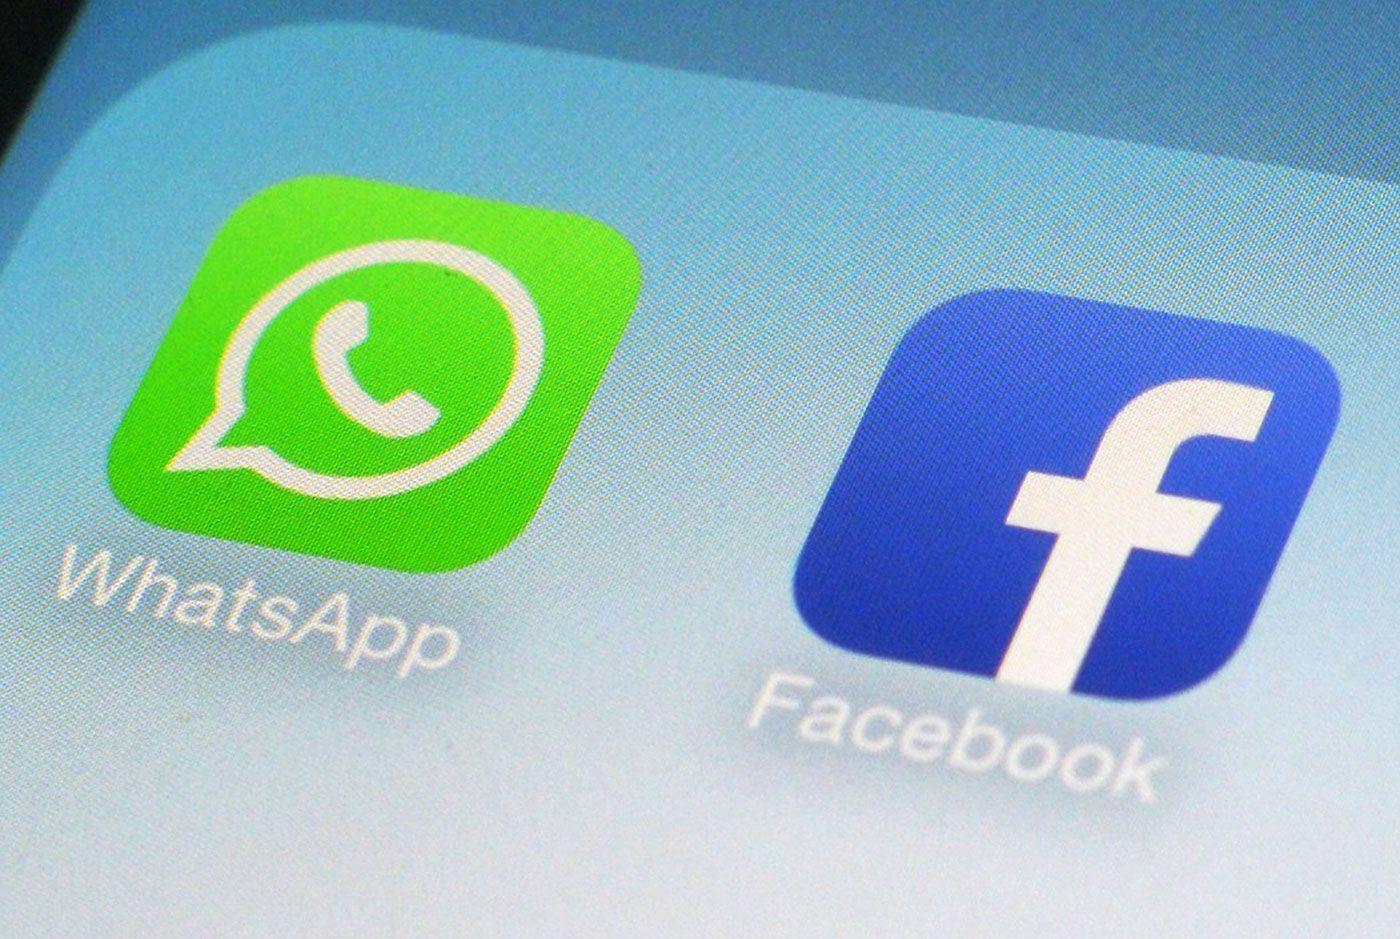 WhatsApp, anche il numero di telefono verrà condiviso con